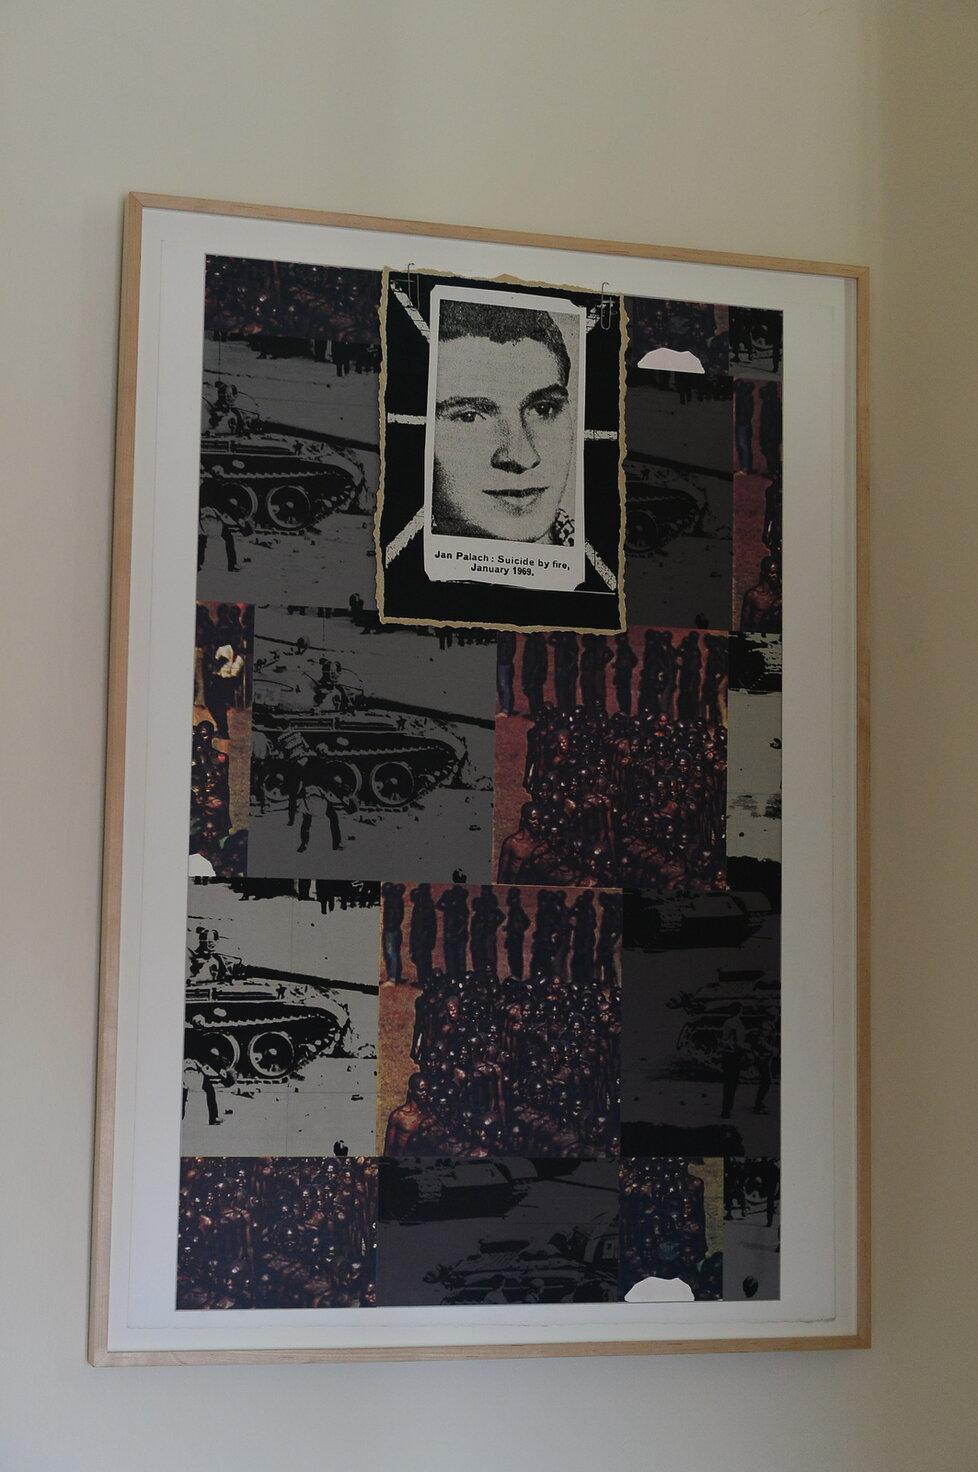 Schodiště v budově britského velvyslanectví je ozdobeno koláží Jana Palacha, kterou si ze sbírek britské vlády vyžádal přímo Nick Archer - symbolicky v roce 50. výročí úmrtí studenta historie. Jedná se o dílo nazvané Sebevražda ohněm, které v lednu 1970 vytvořil britský umělec Joe Tilson.